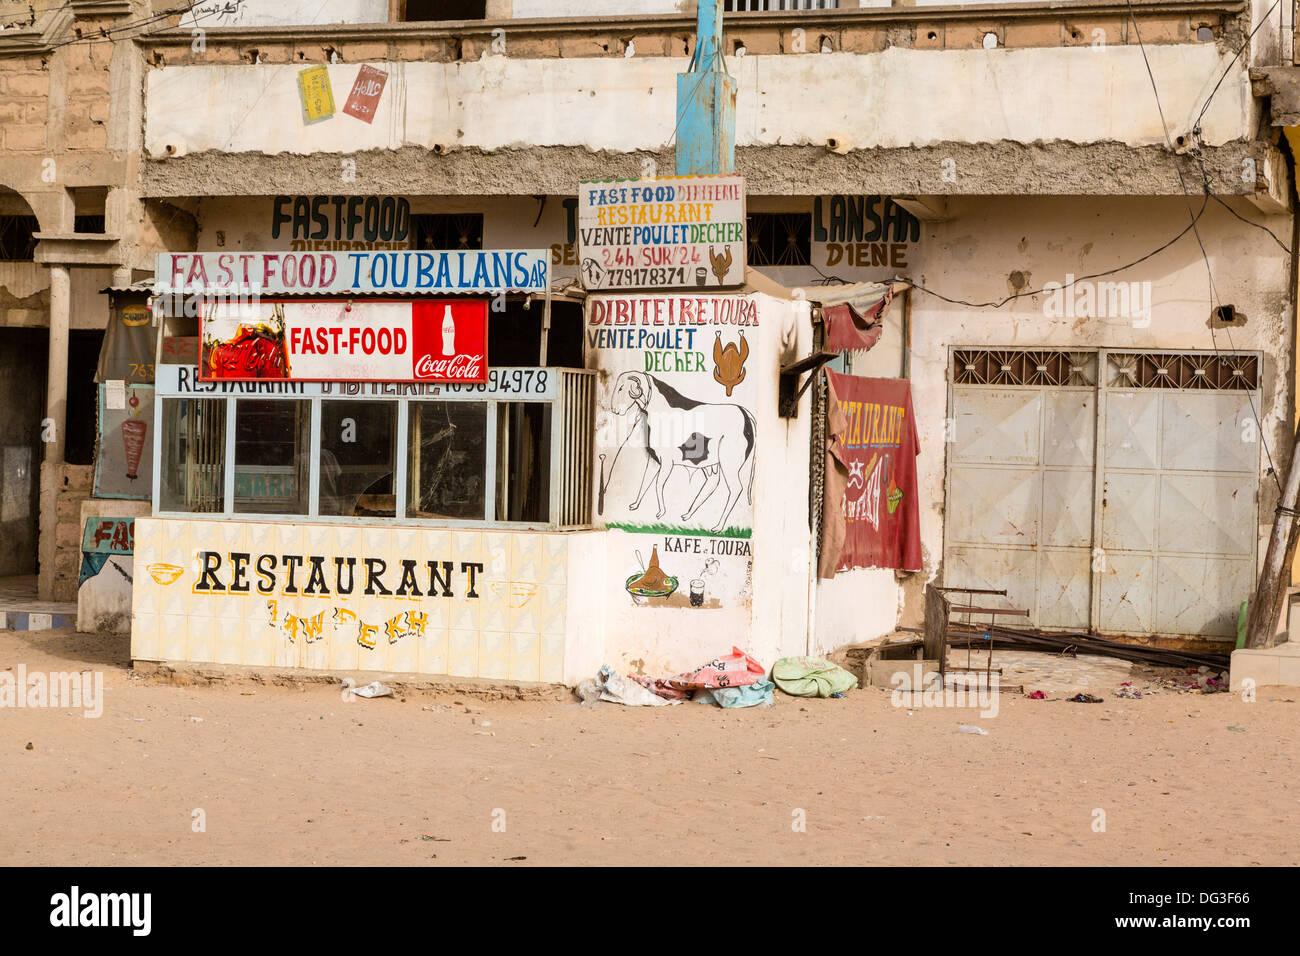 Senegal Fast Food Dakar